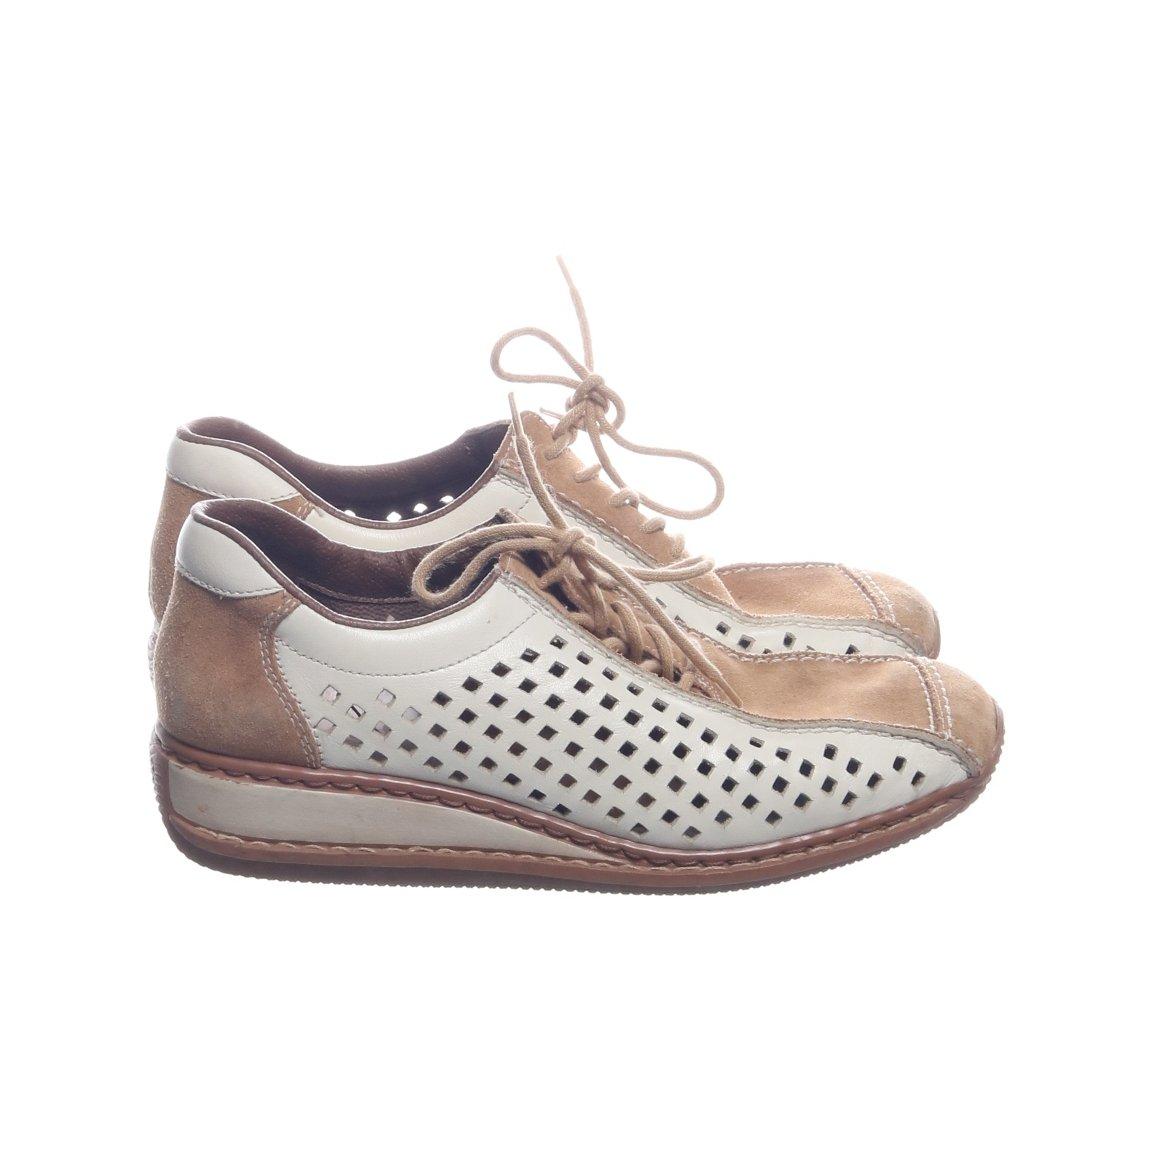 fe113964a68 Rieker, Sneakers, Strl: 37, Beige/Vit, Mo.. (353347671) ᐈ Sellpy på ...